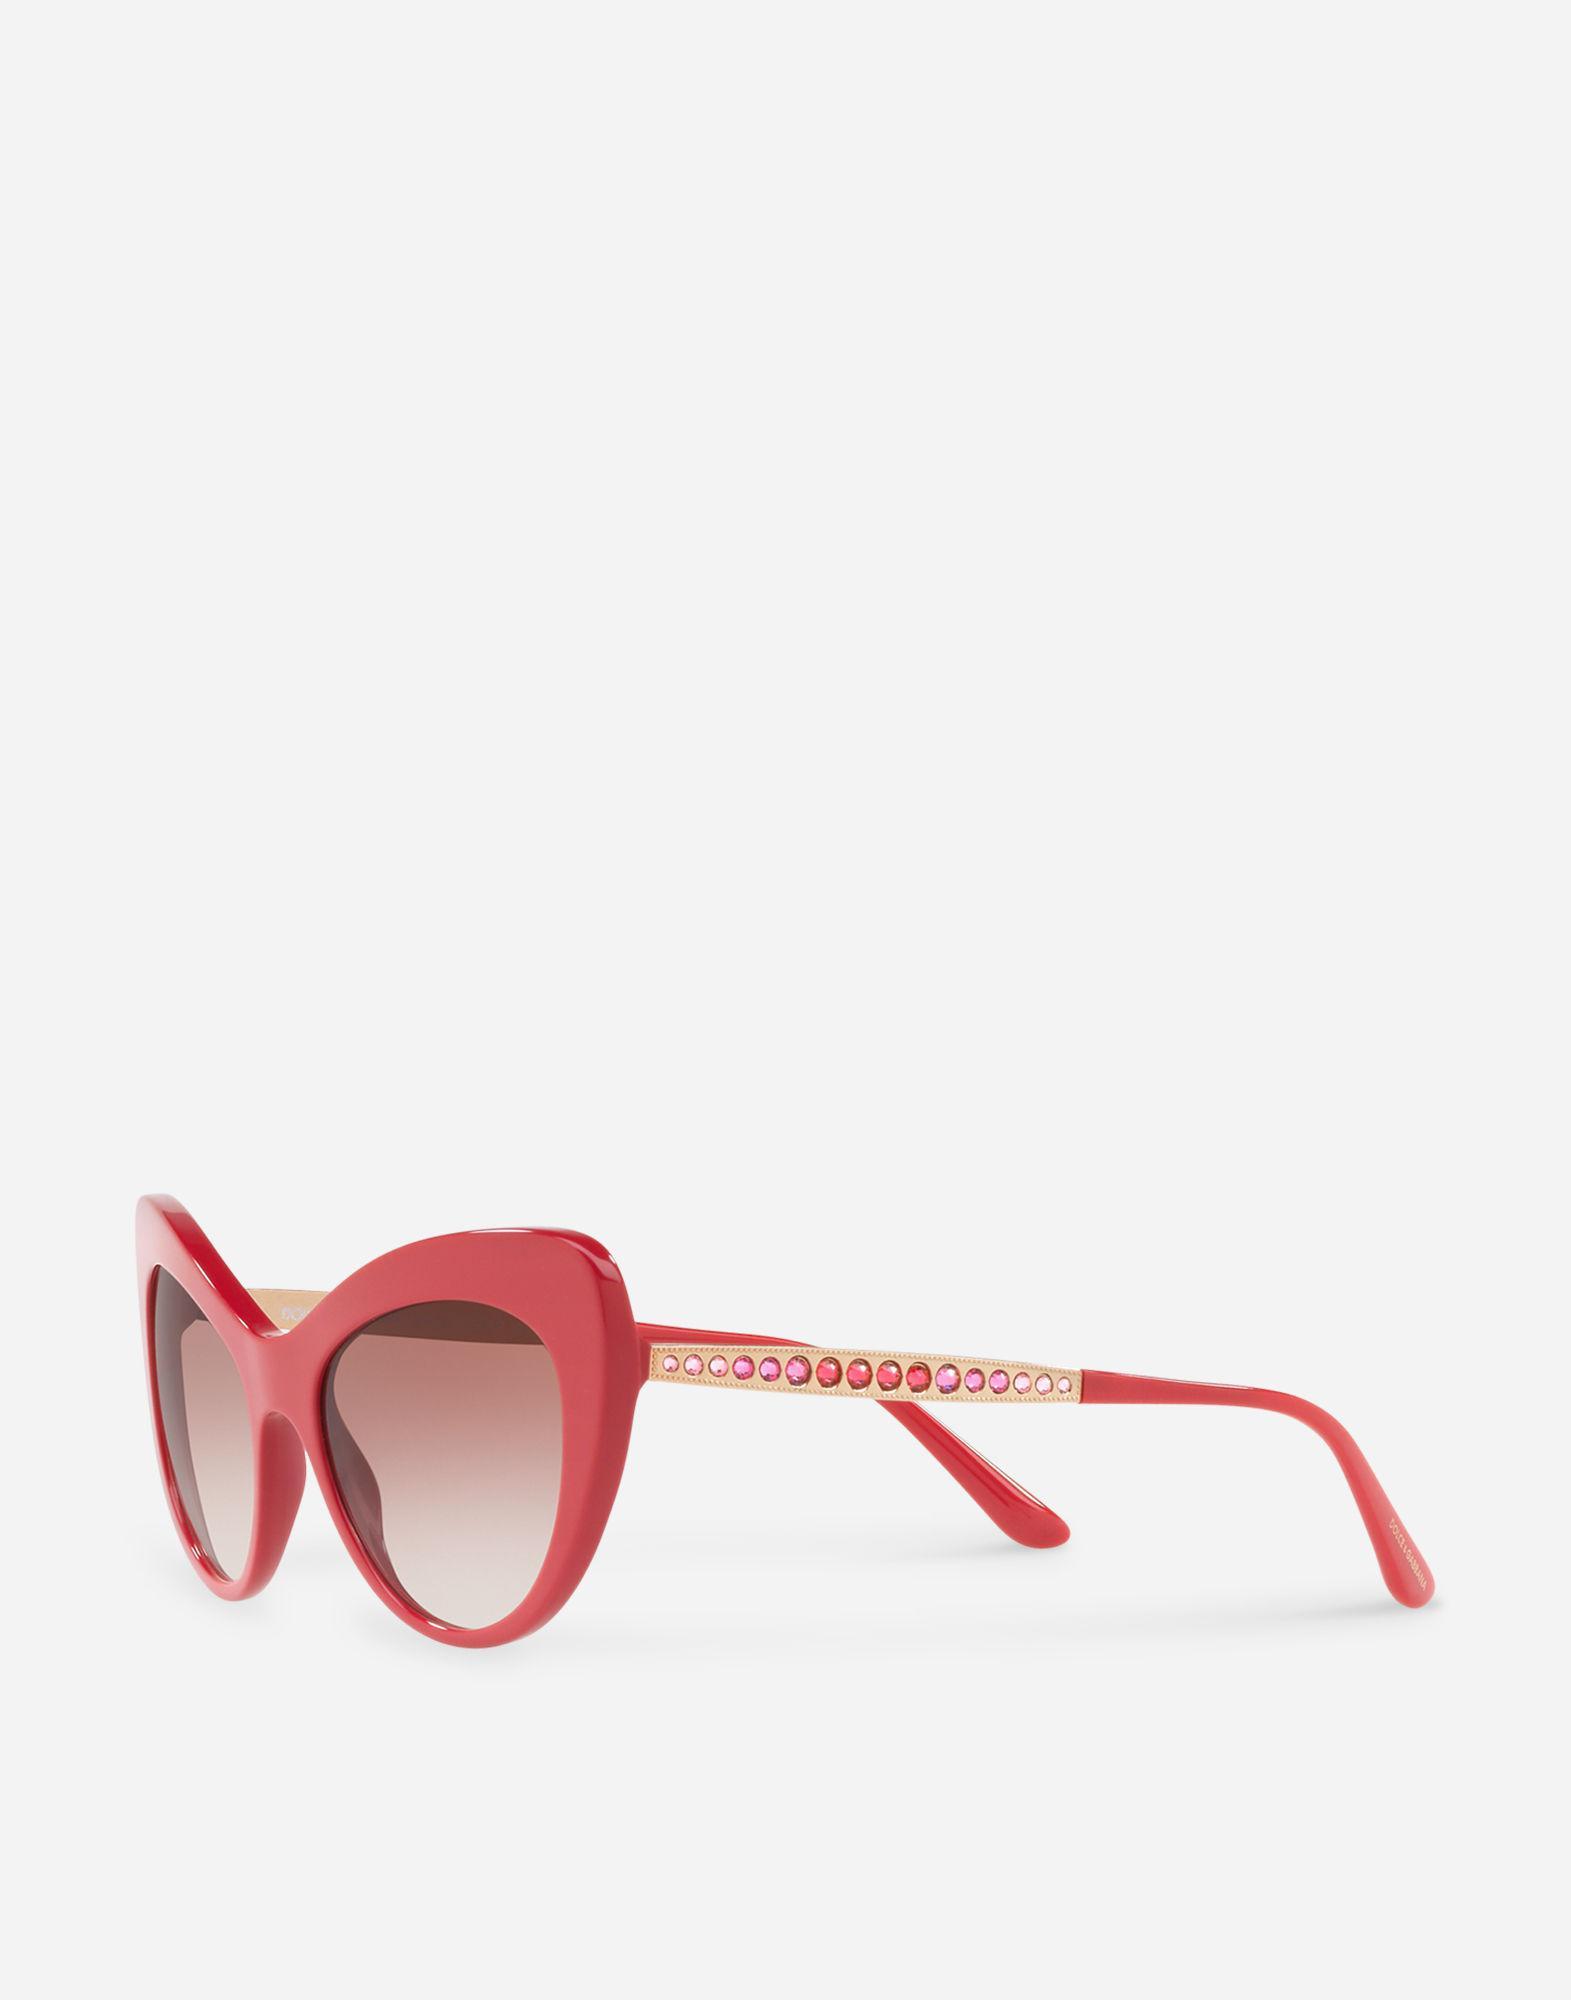 Homme Red Coloris Soleil Mambo Pour En Gabbana Dolceamp; De Lunettes OTuPkiZX